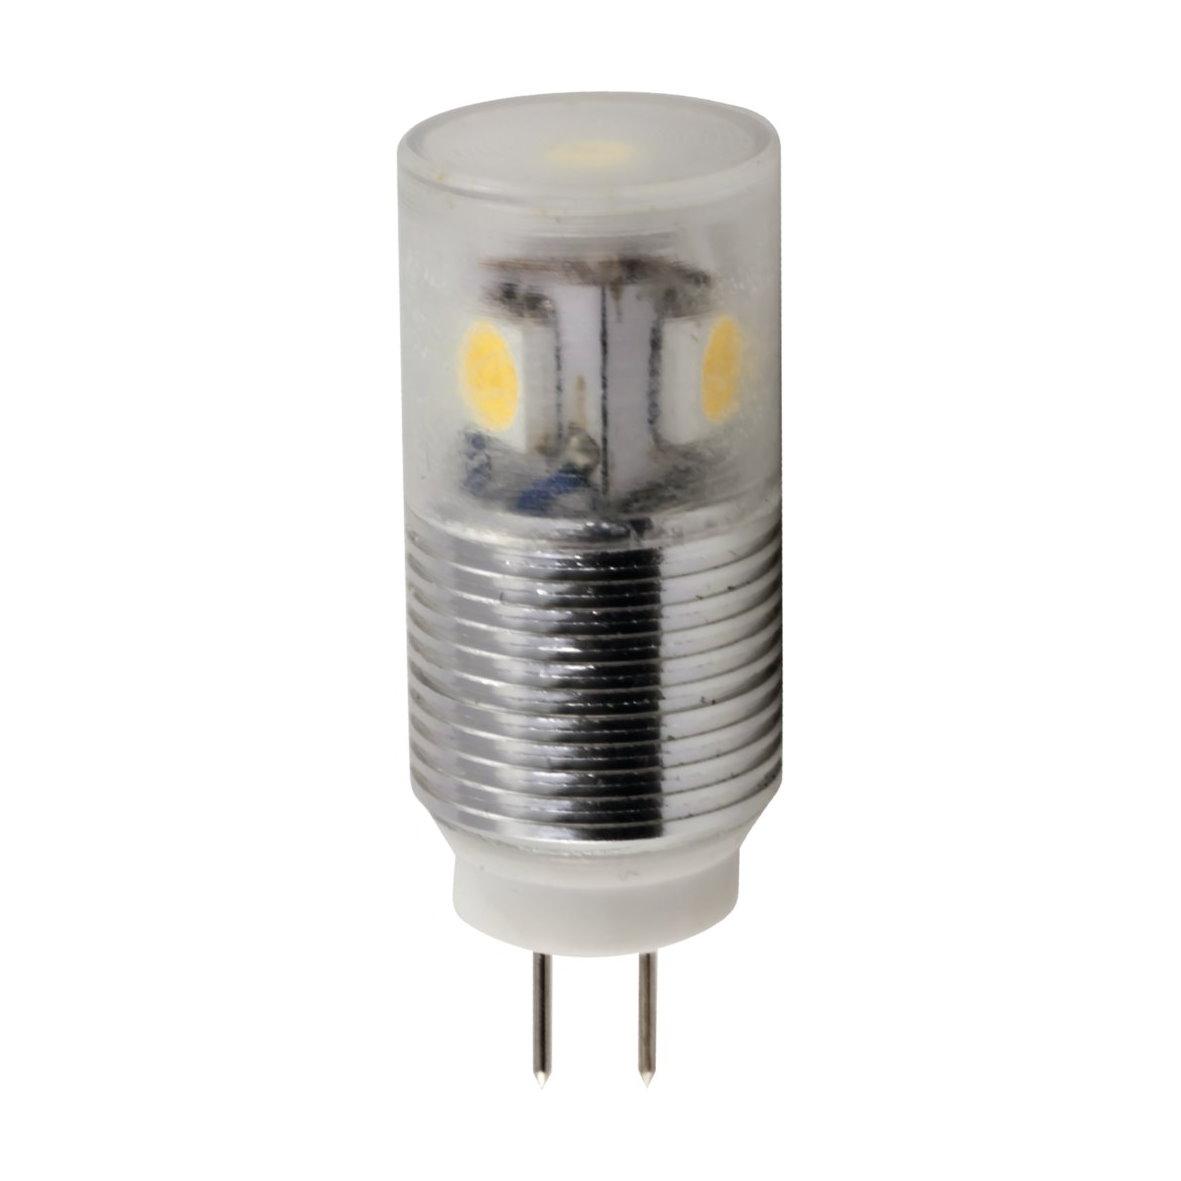 led smd cob cree g4 stift sockel 12v stiftsockel birne licht leuchtmittel lampe ebay. Black Bedroom Furniture Sets. Home Design Ideas